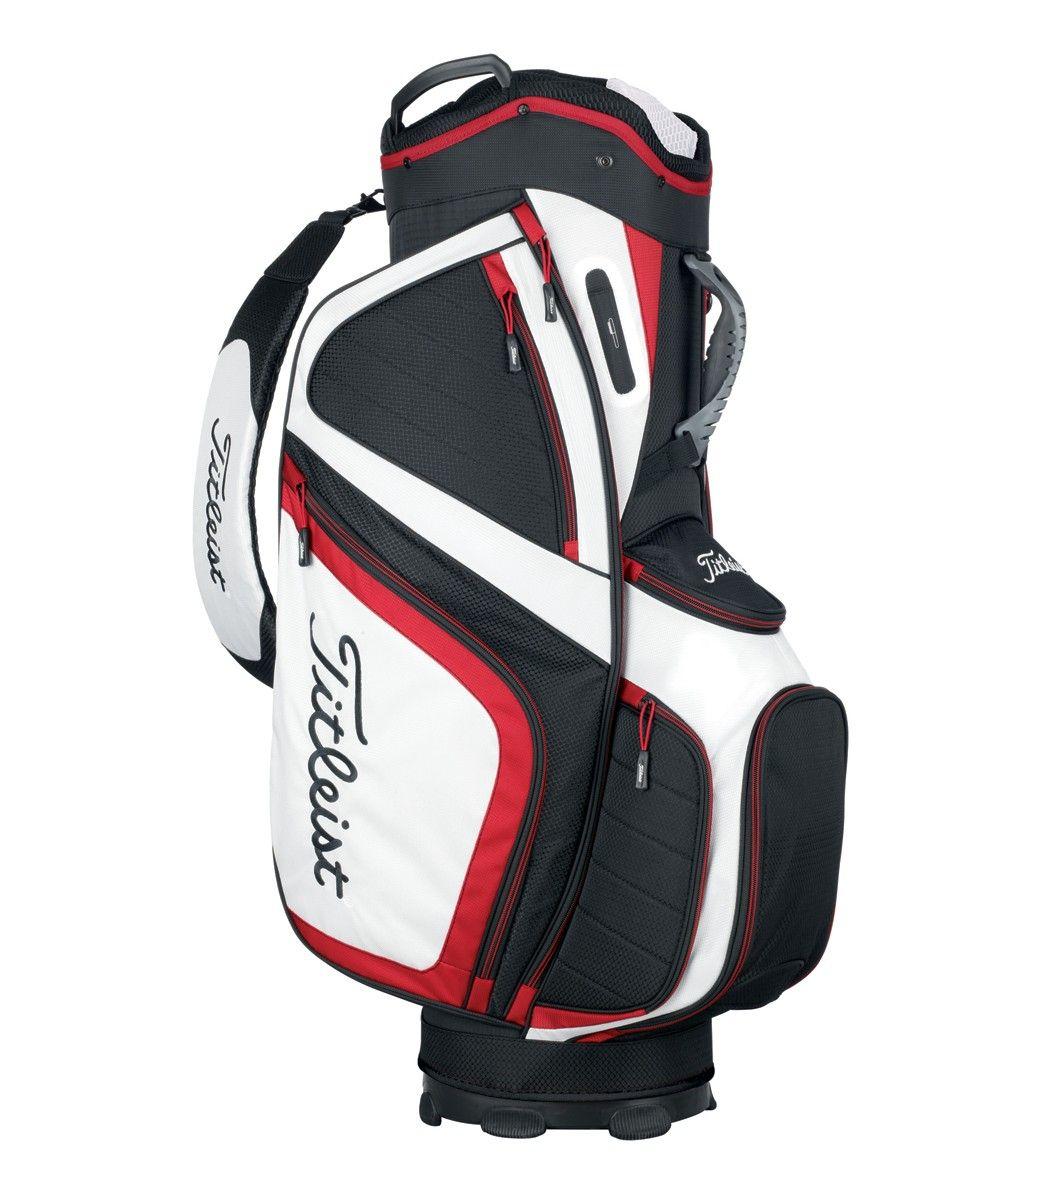 Titleist 2014 Lightweight Cart Bag http://www.golfdiscount.com/titleist-2014-lightweight-cart-bag